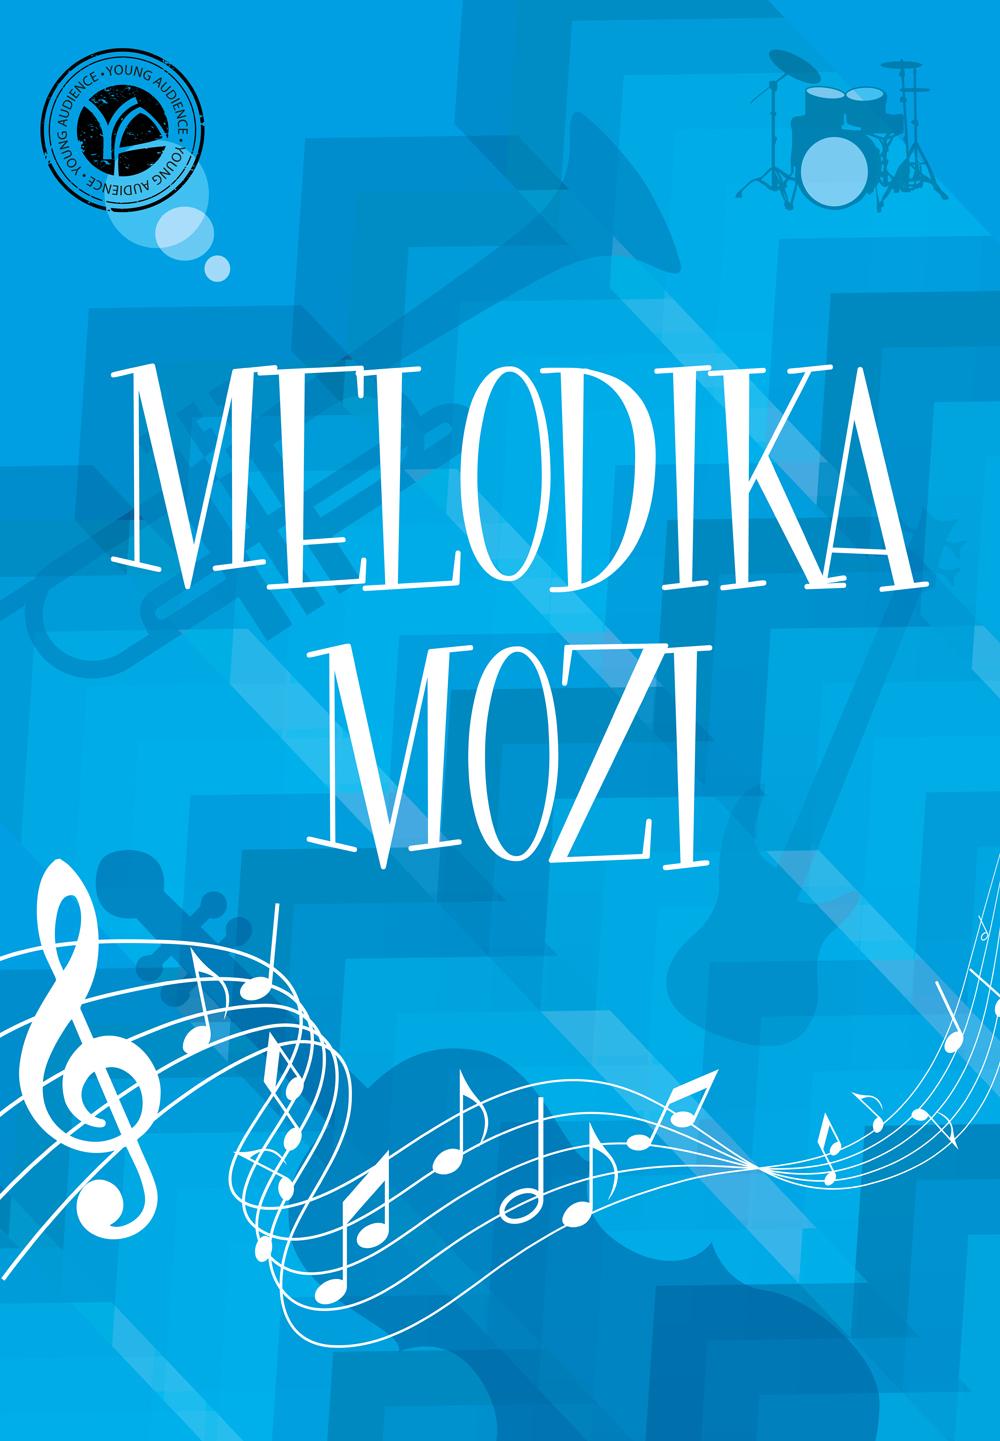 melodika-k